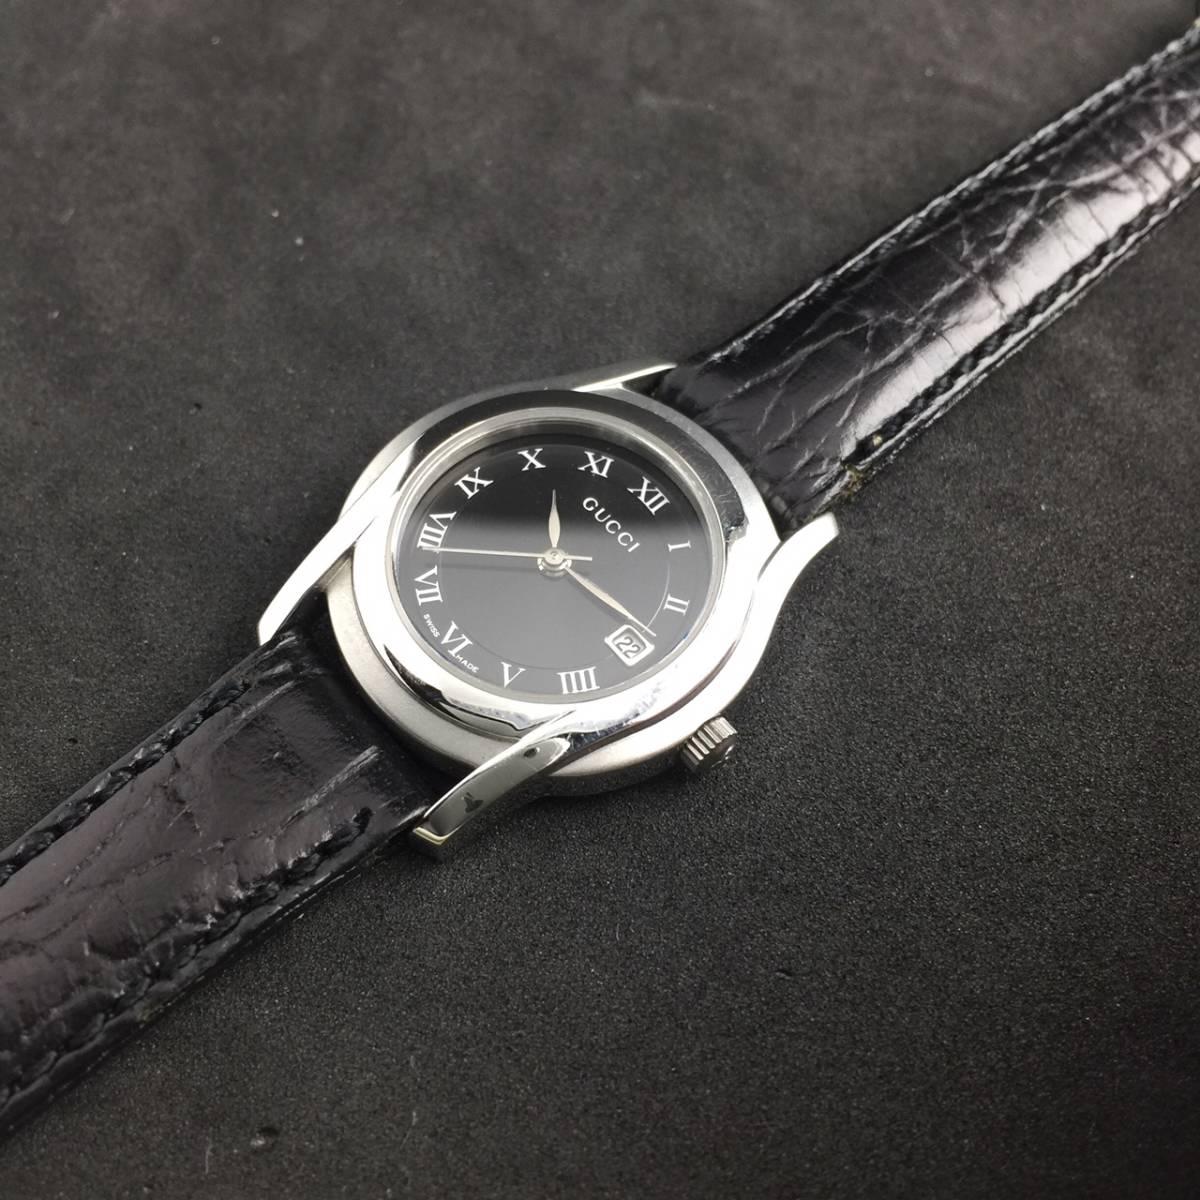 【1円~】GUCCI グッチ 腕時計 レディース 5500L デイト ローマン 黒文字盤 可動品_画像4